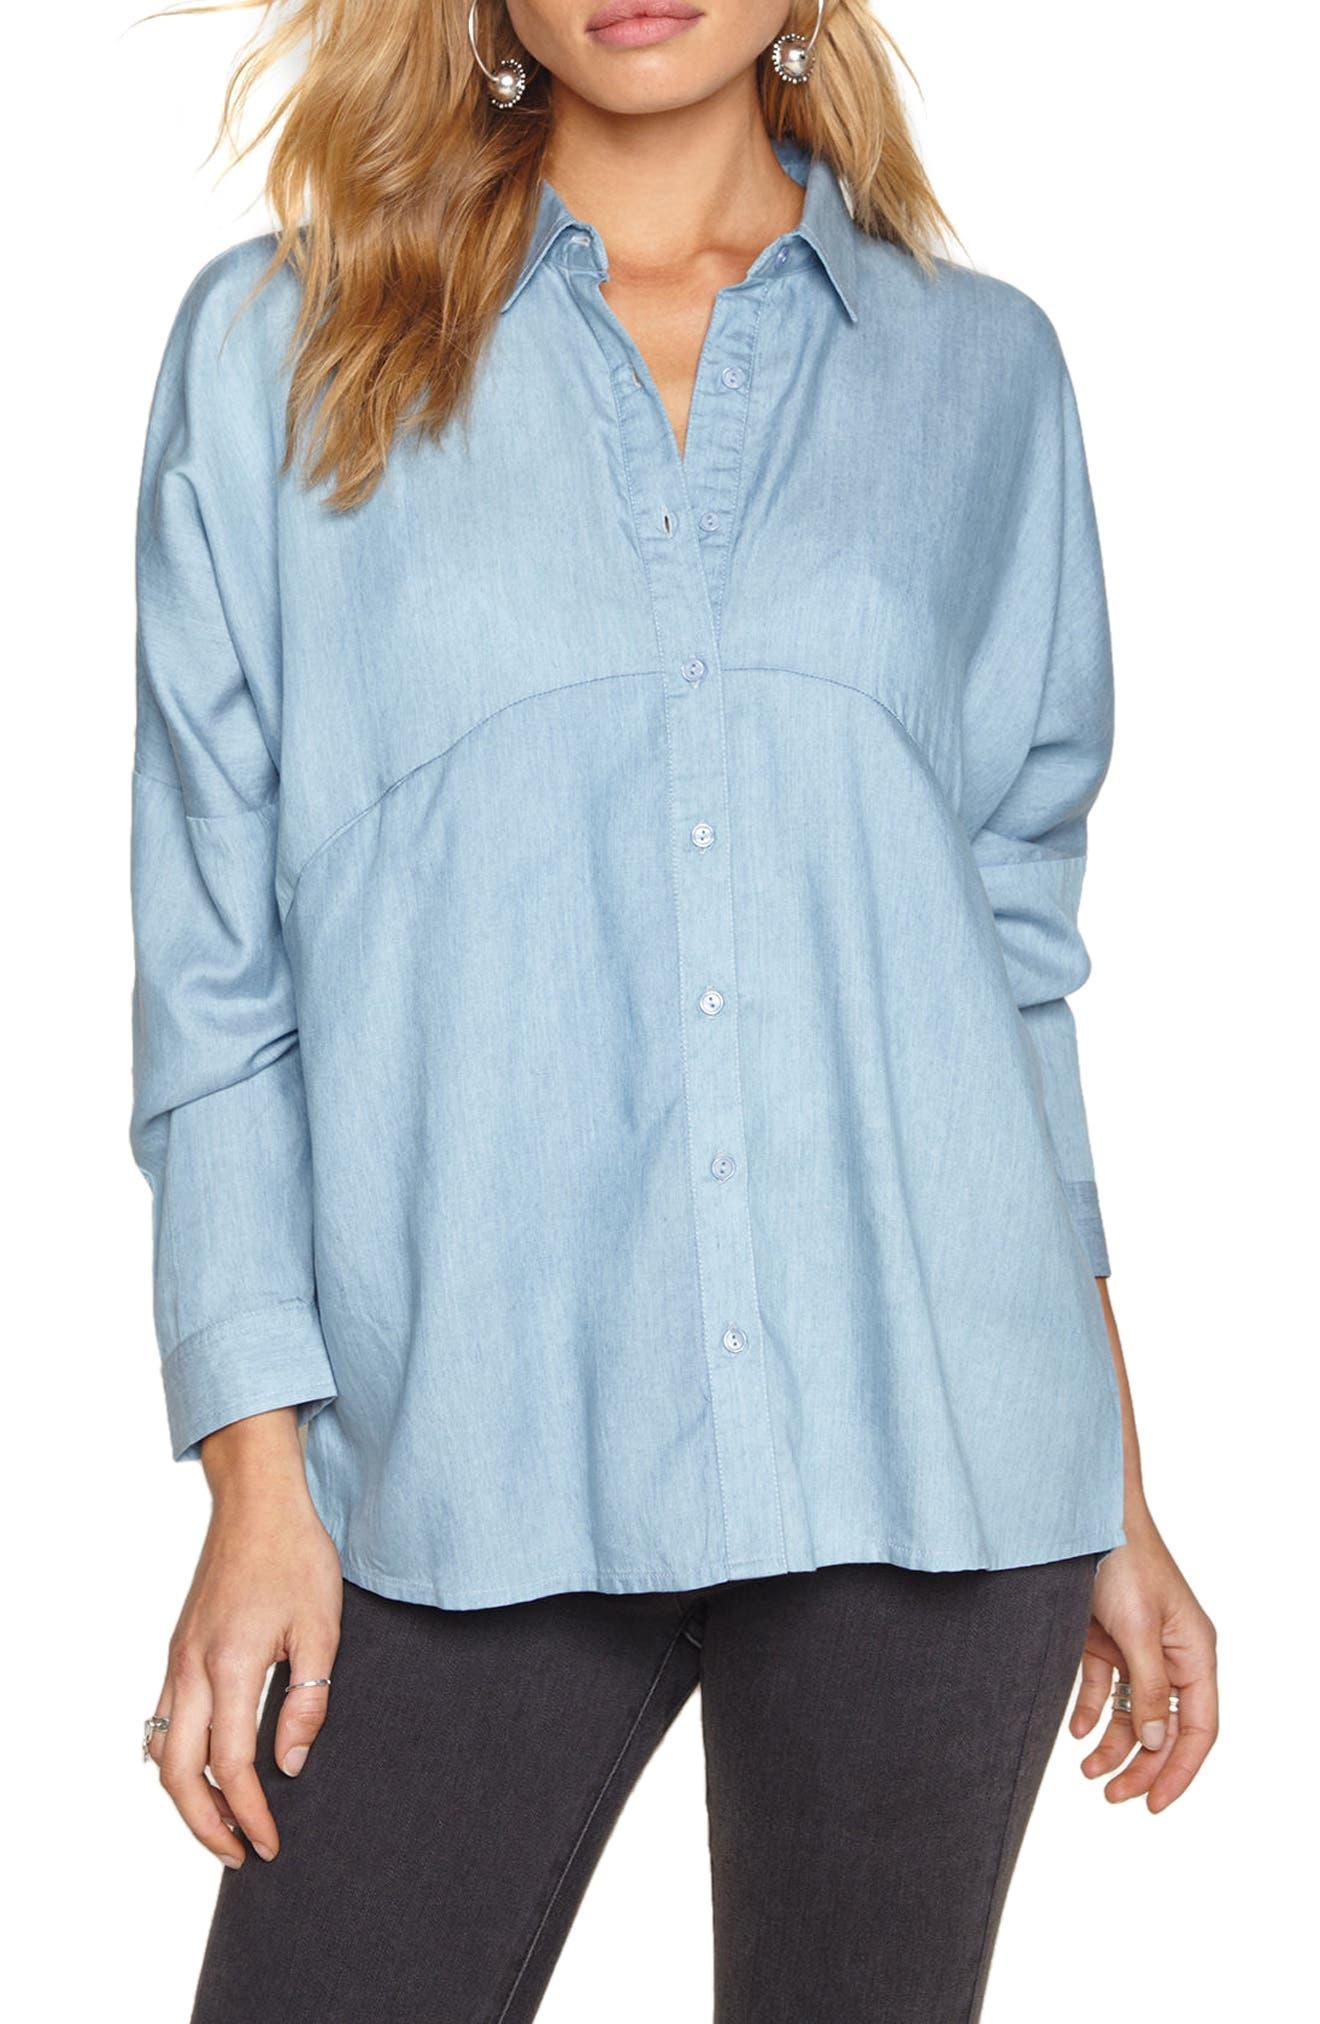 Casual Fridays Chambray Shirt,                         Main,                         color, Blue Vintage